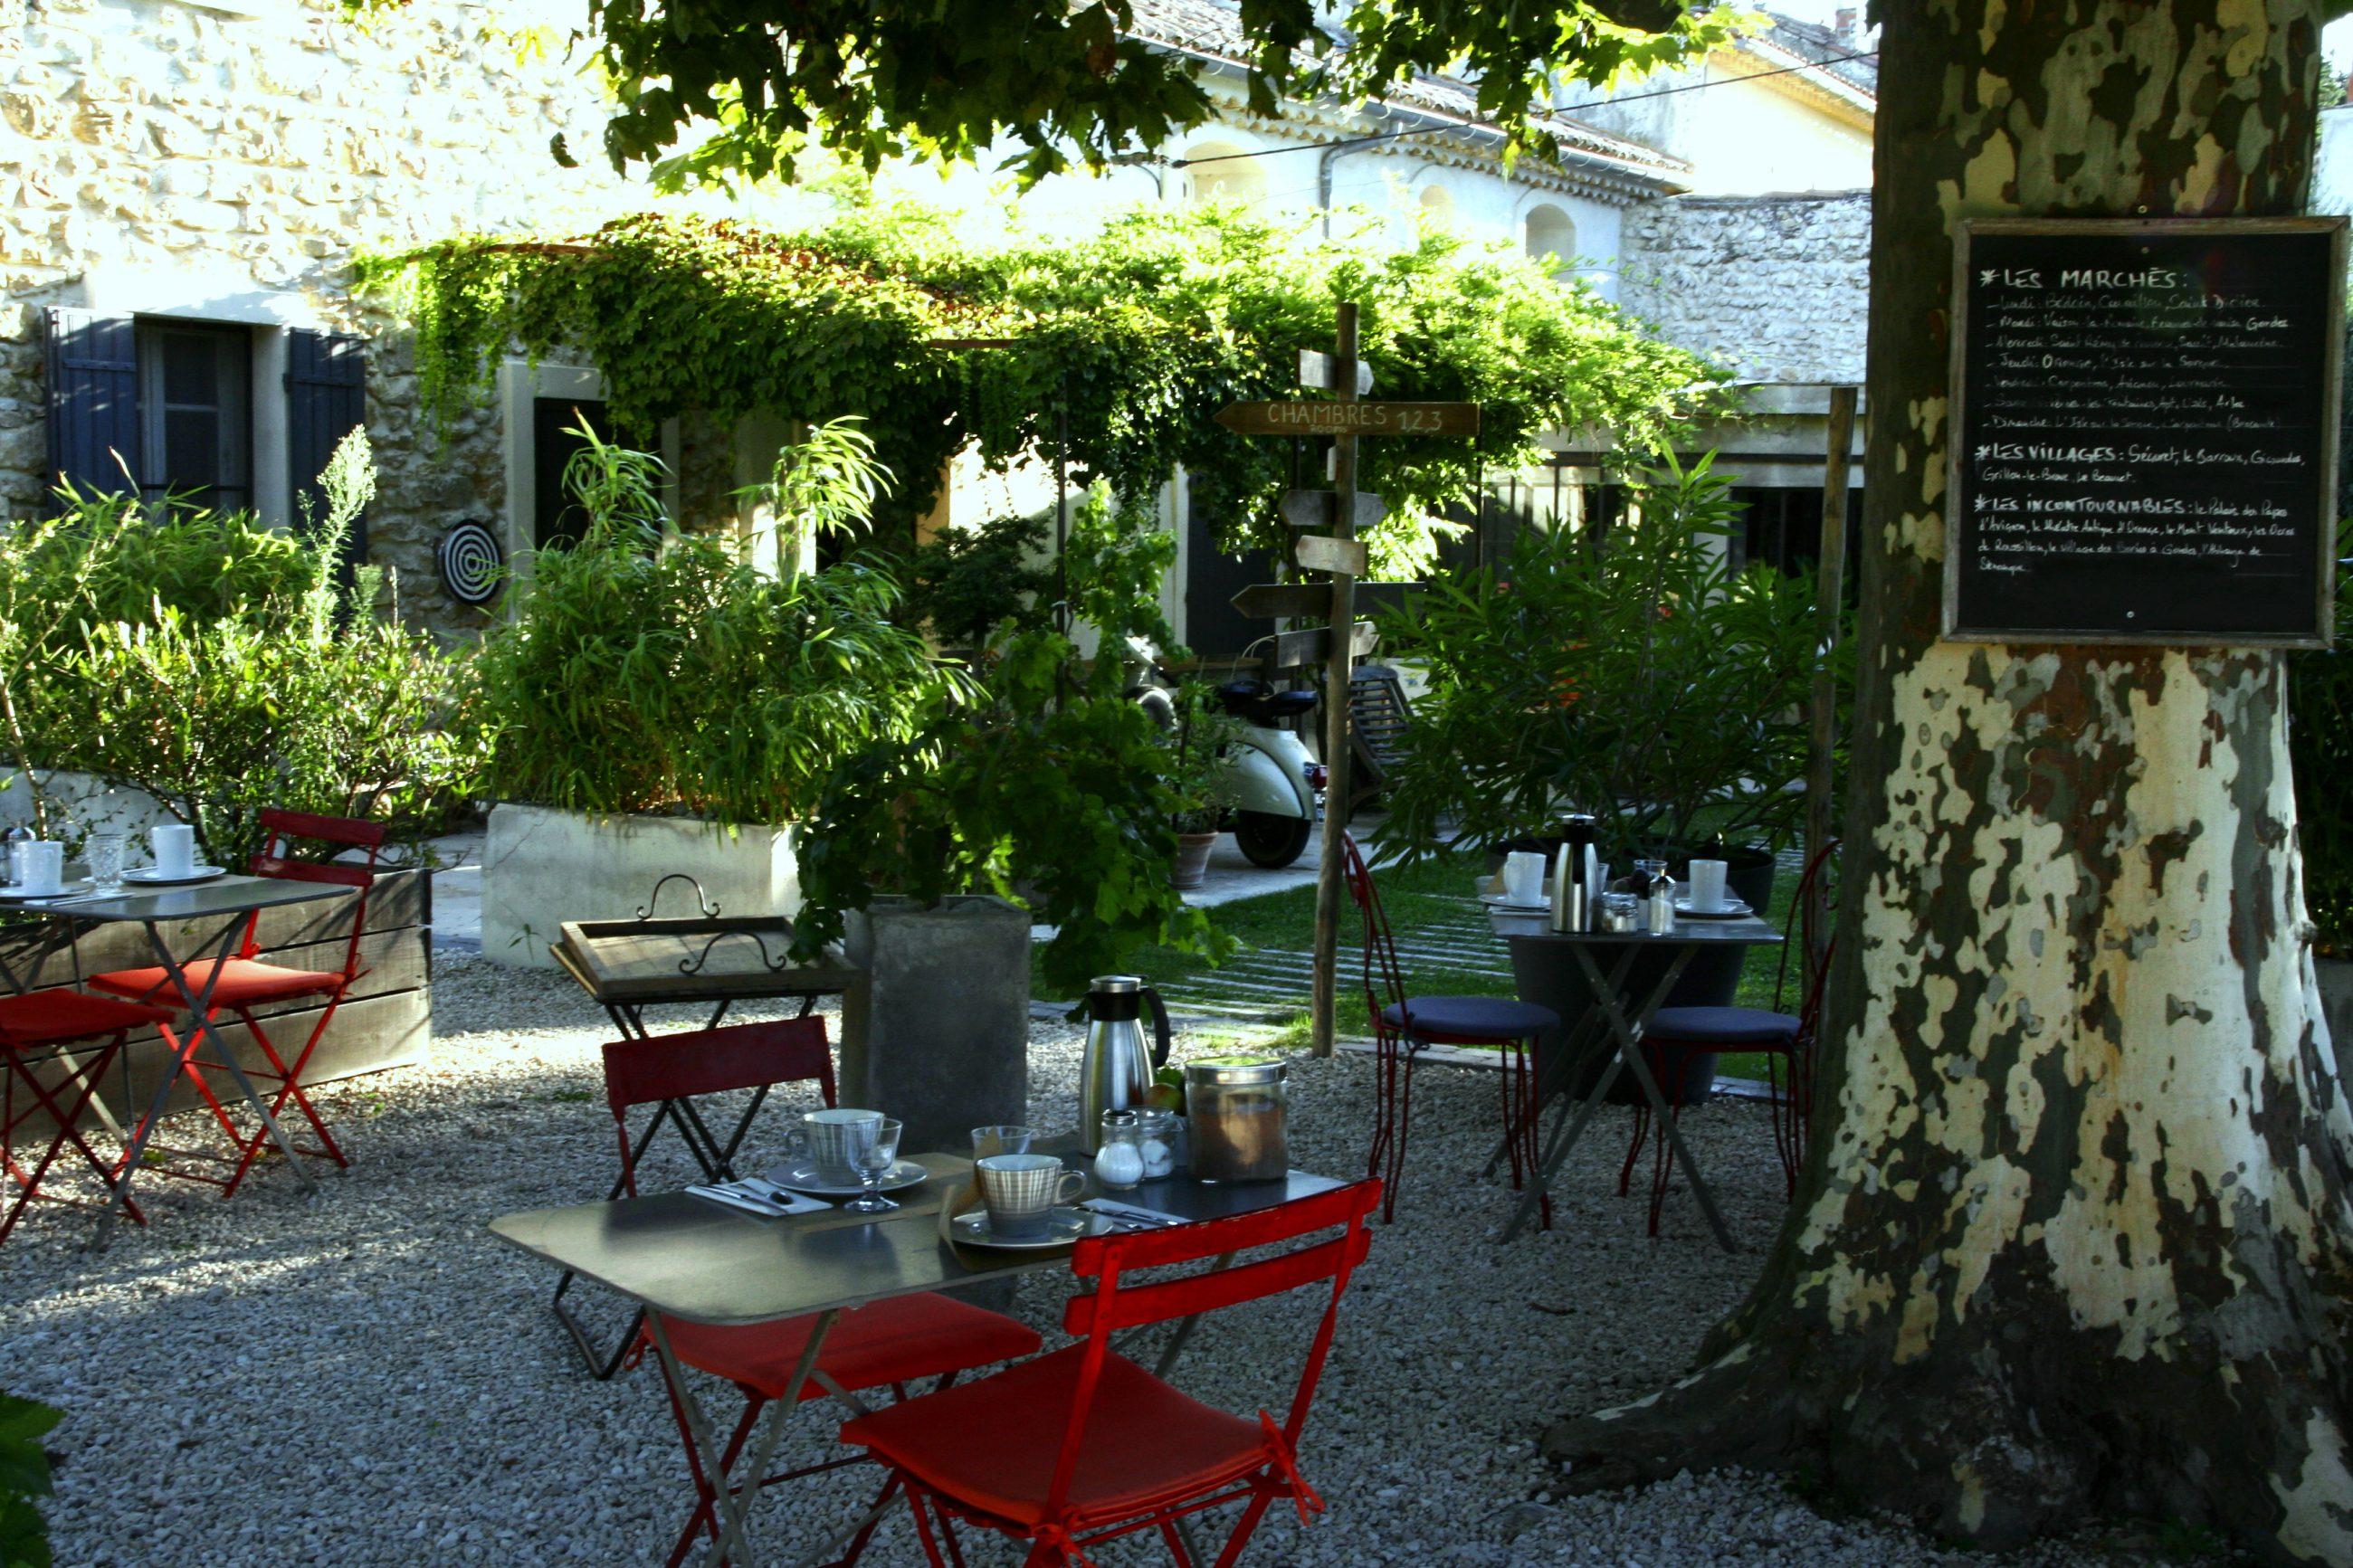 """Vus petits déjeuner au coin des figuiers chambres d""""hôtes en Provence"""